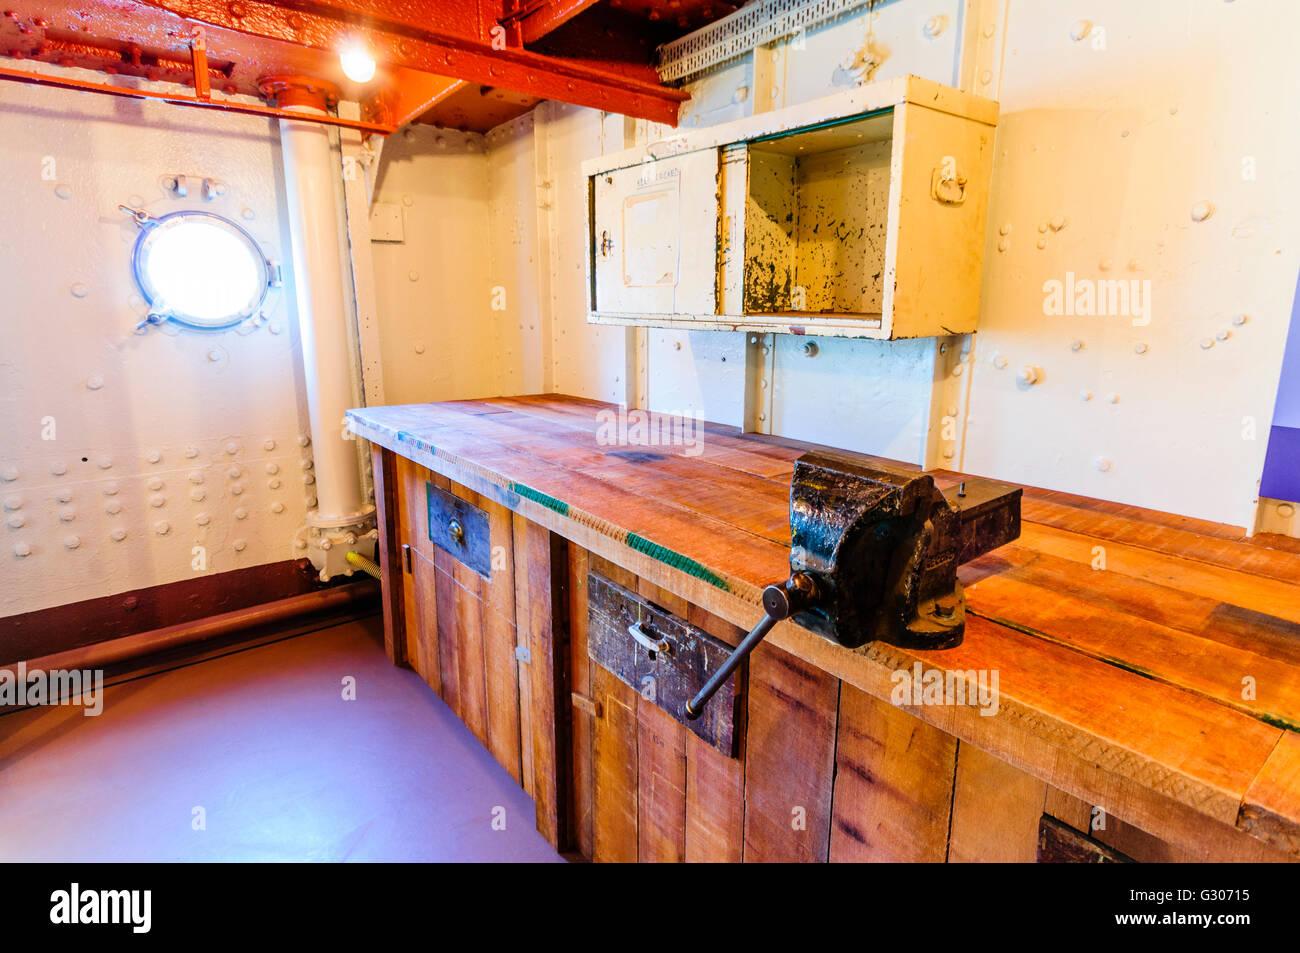 Taller del ingeniero con banqueta y vice a bordo de un viejo barco. Foto de stock